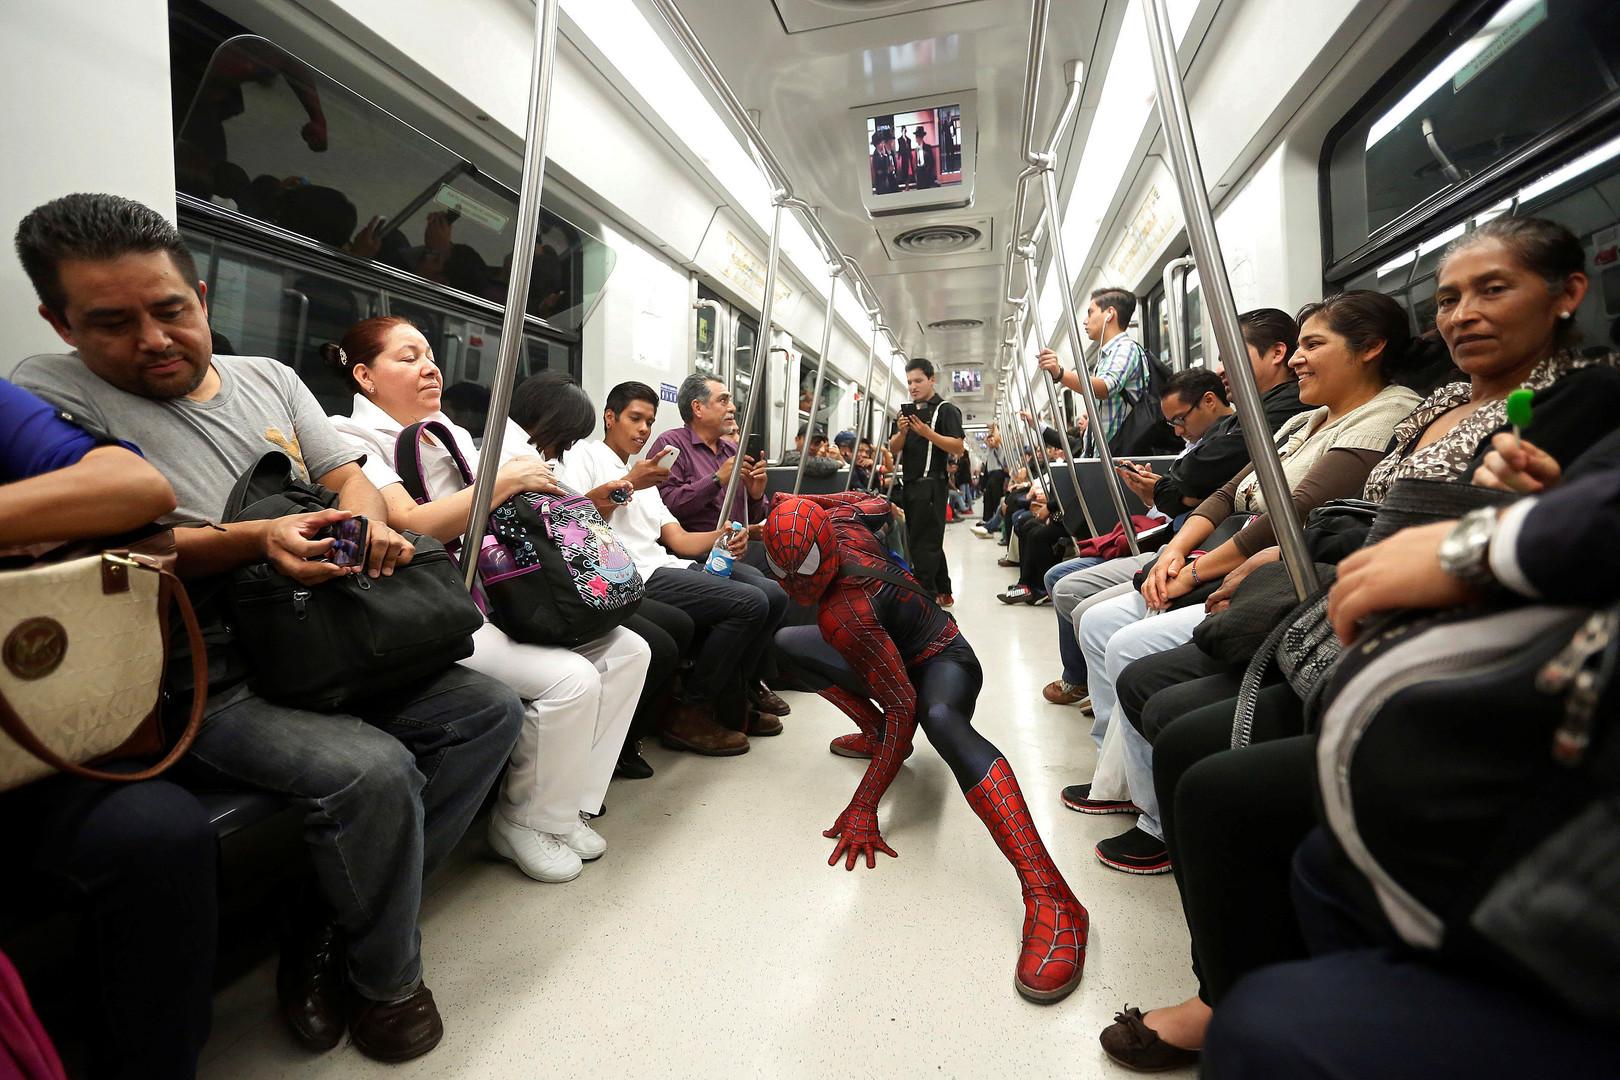 Супергерои в жизни: добро без спецэффектов